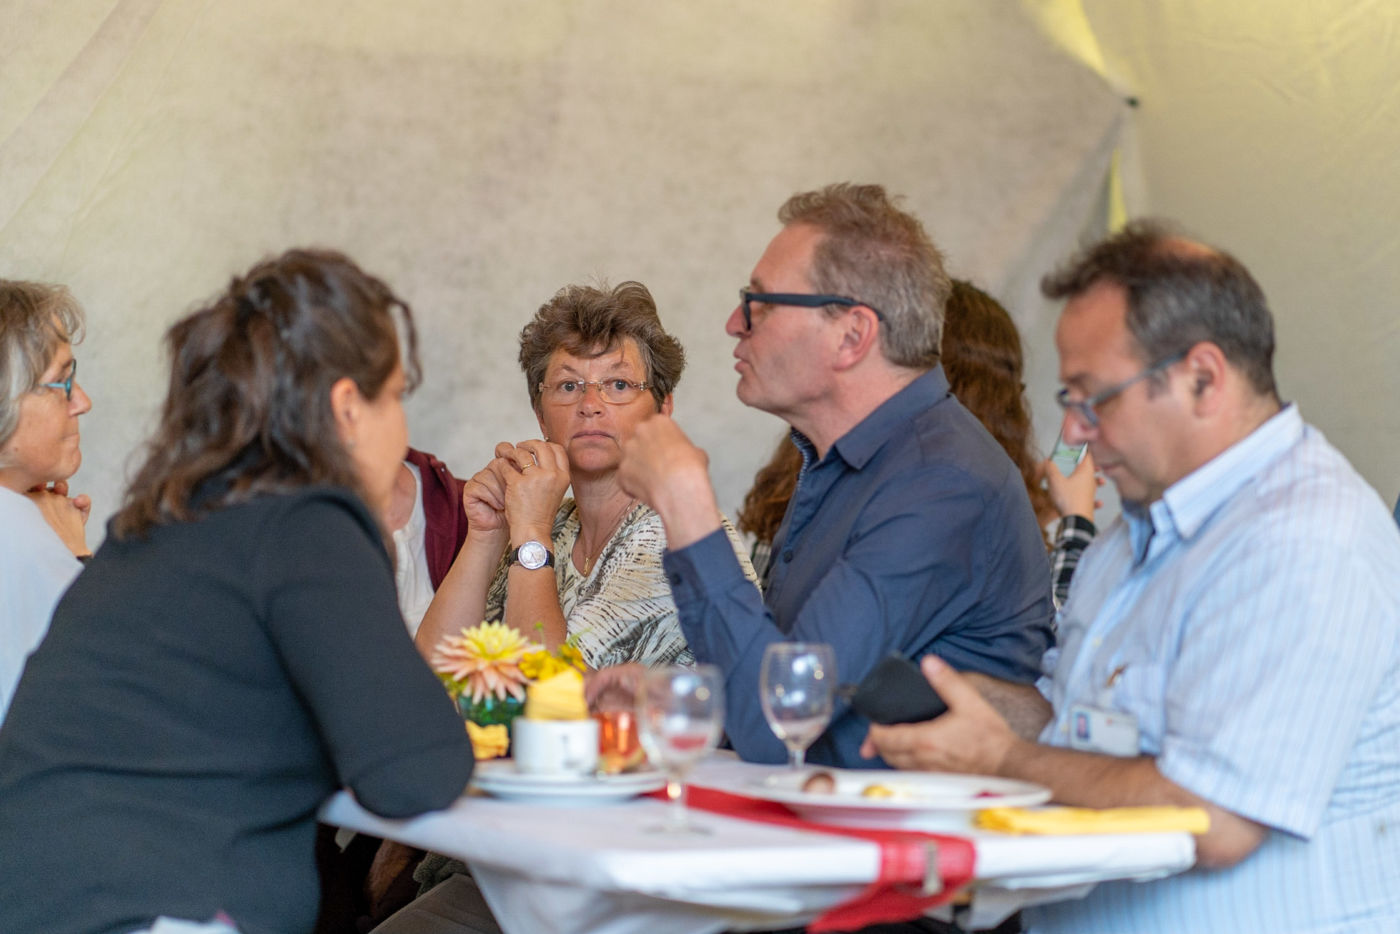 Gemütliches Sommerfest in der Wohngruppe Niederdorf | inclusio plus News · Arbeiten und Wohnen mitten in der Gesellschaft